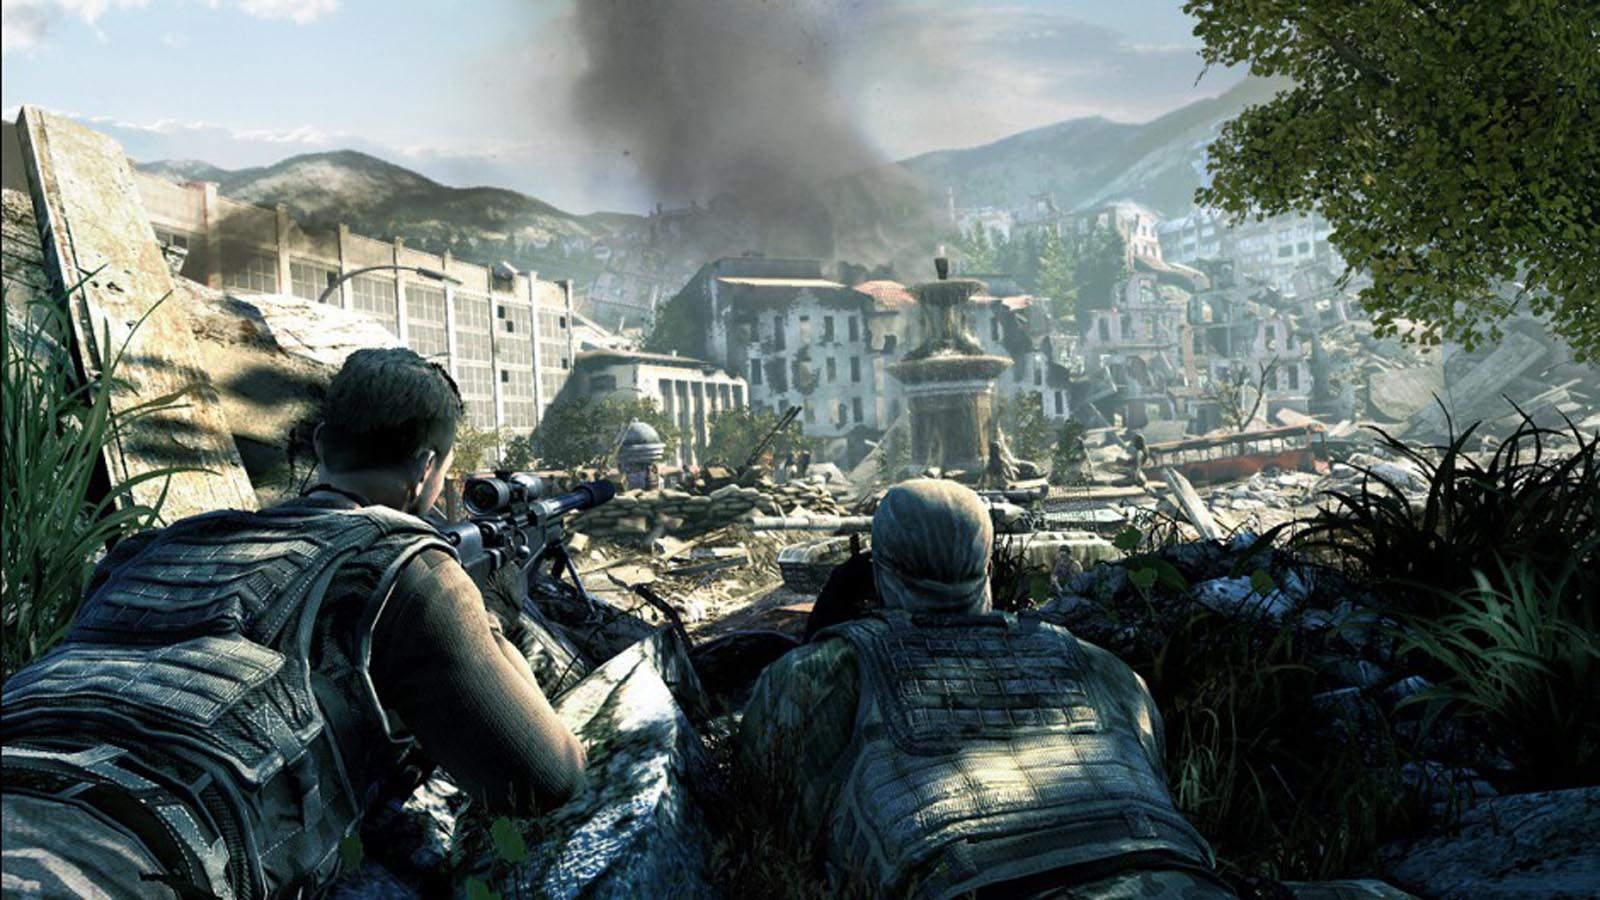 تحميل لعبة Sniper Ghost Warrior 1 مضغوطة كاملة بروابط مباشرة مجانا